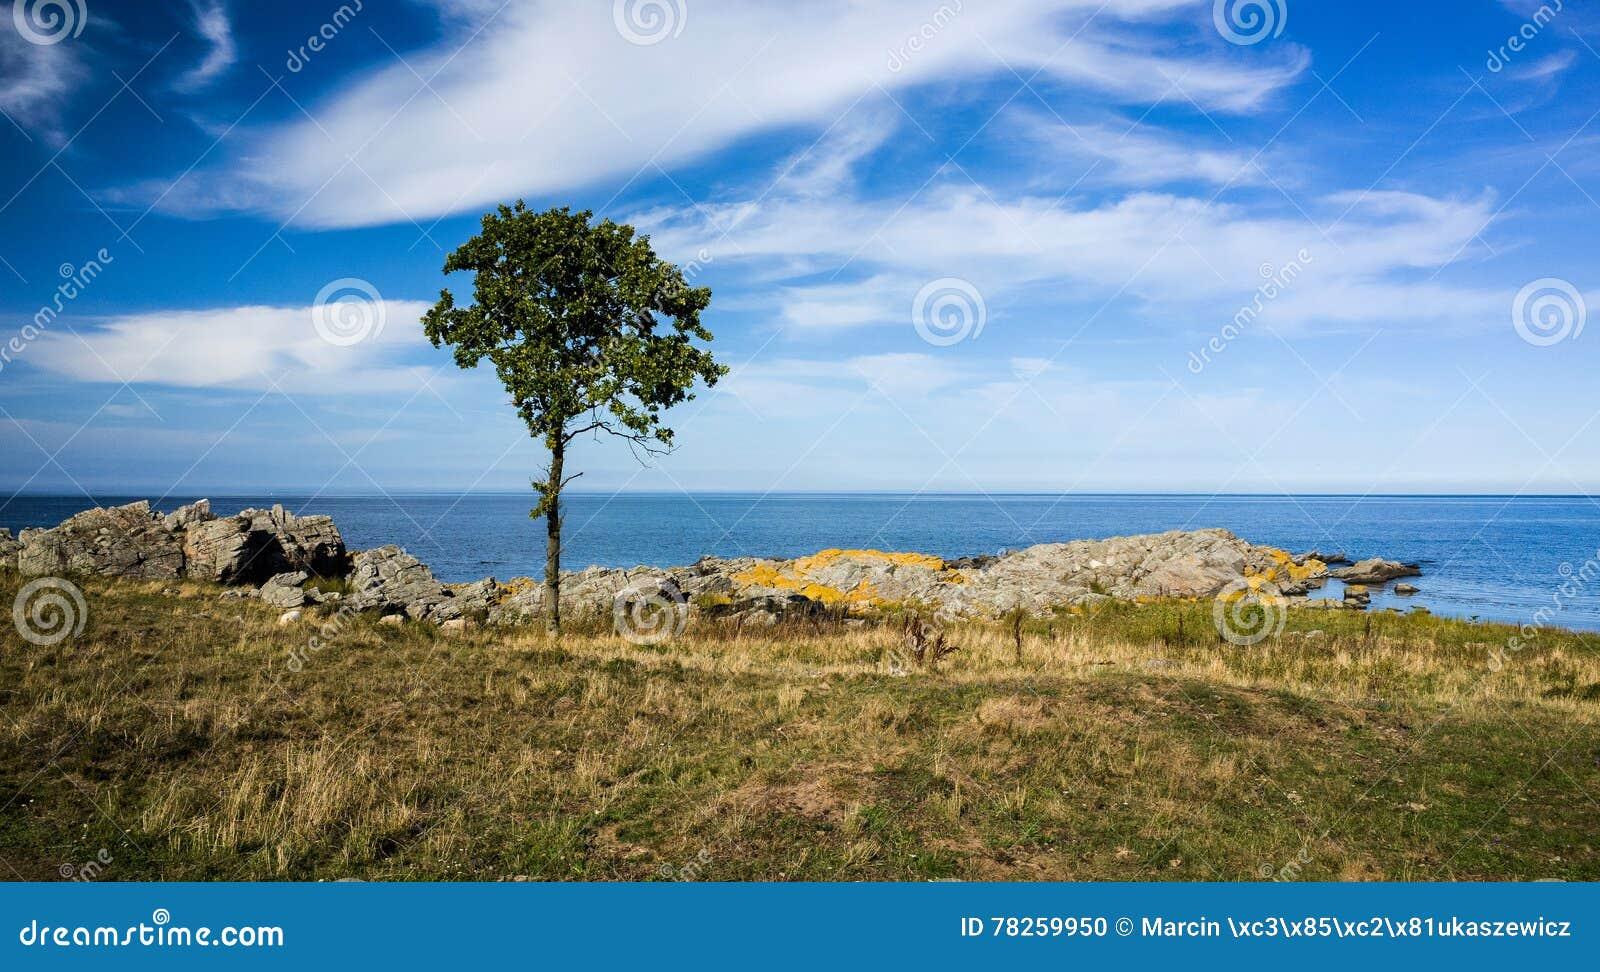 Τοπίο με τους βράχους, το δέντρο και το νερό